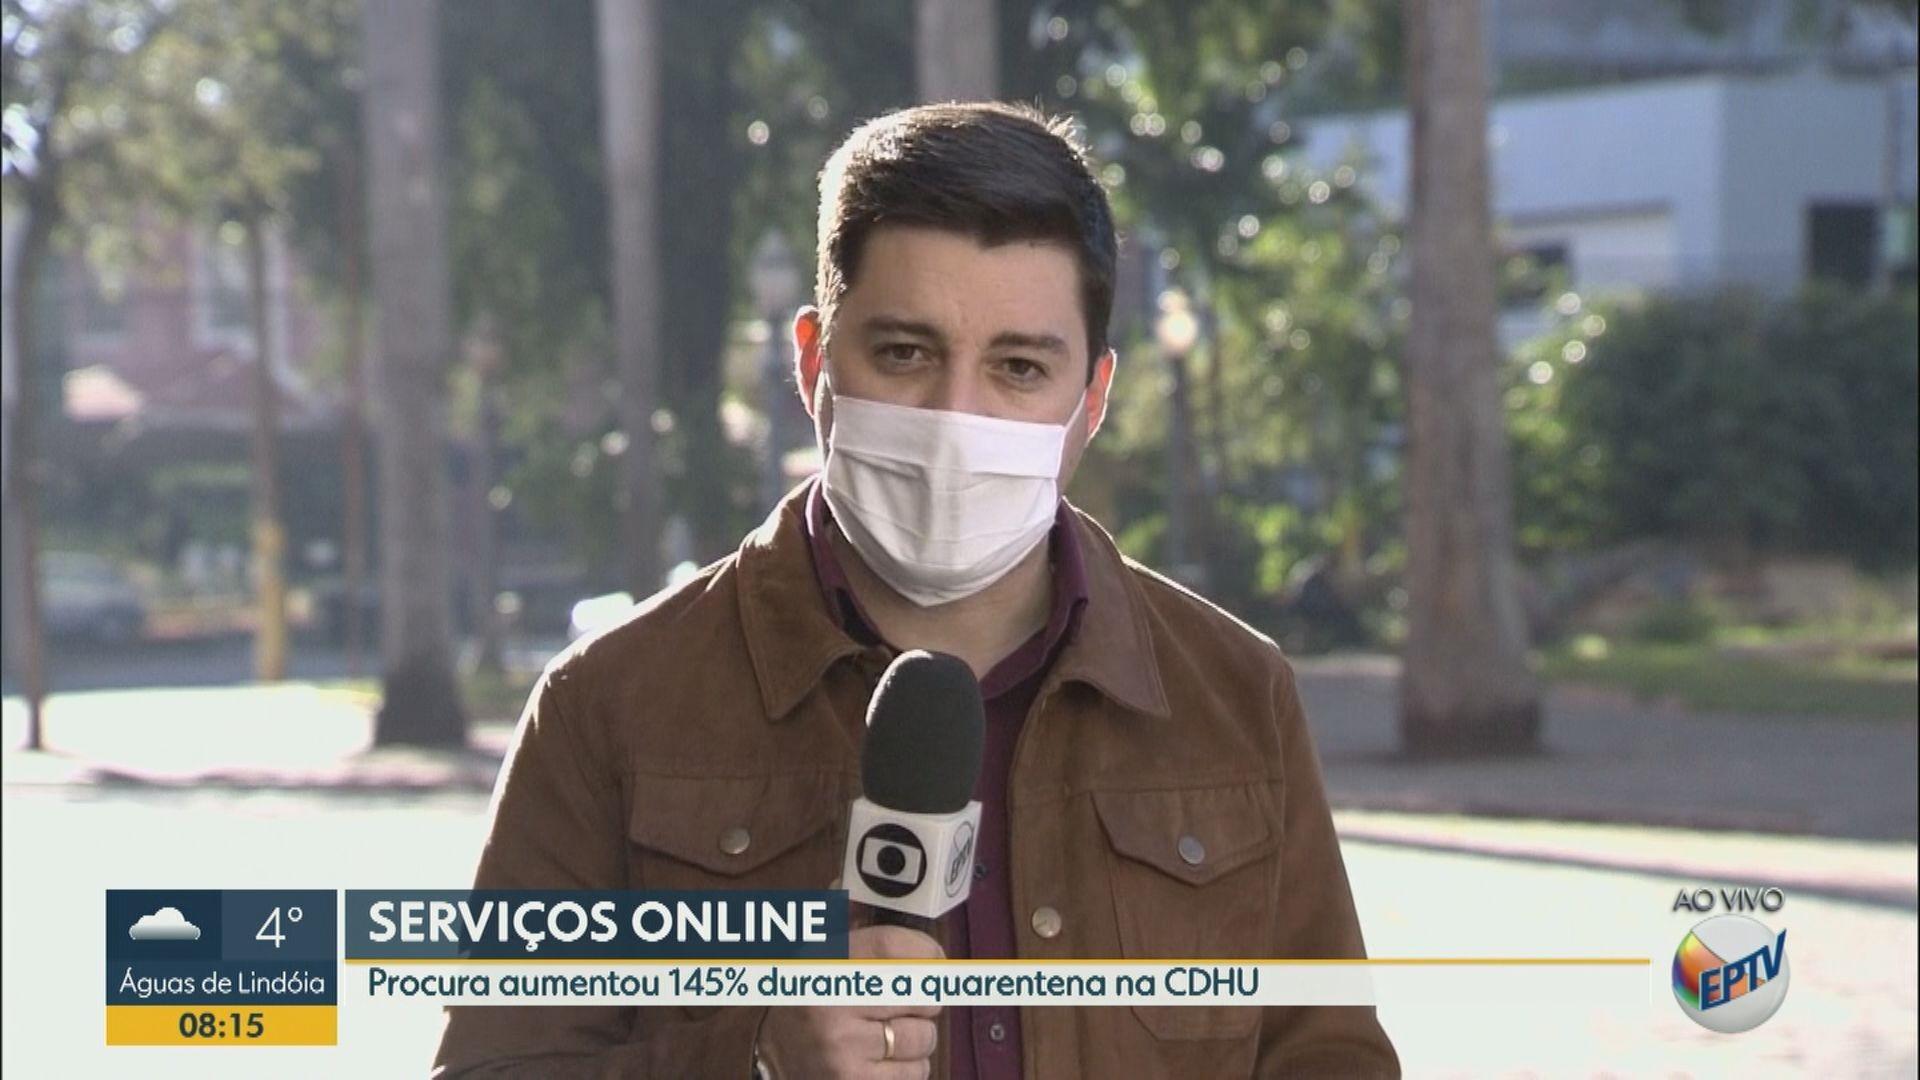 VÍDEOS: Bom Dia Cidade região de Campinas de quinta-feira, 28 de maio